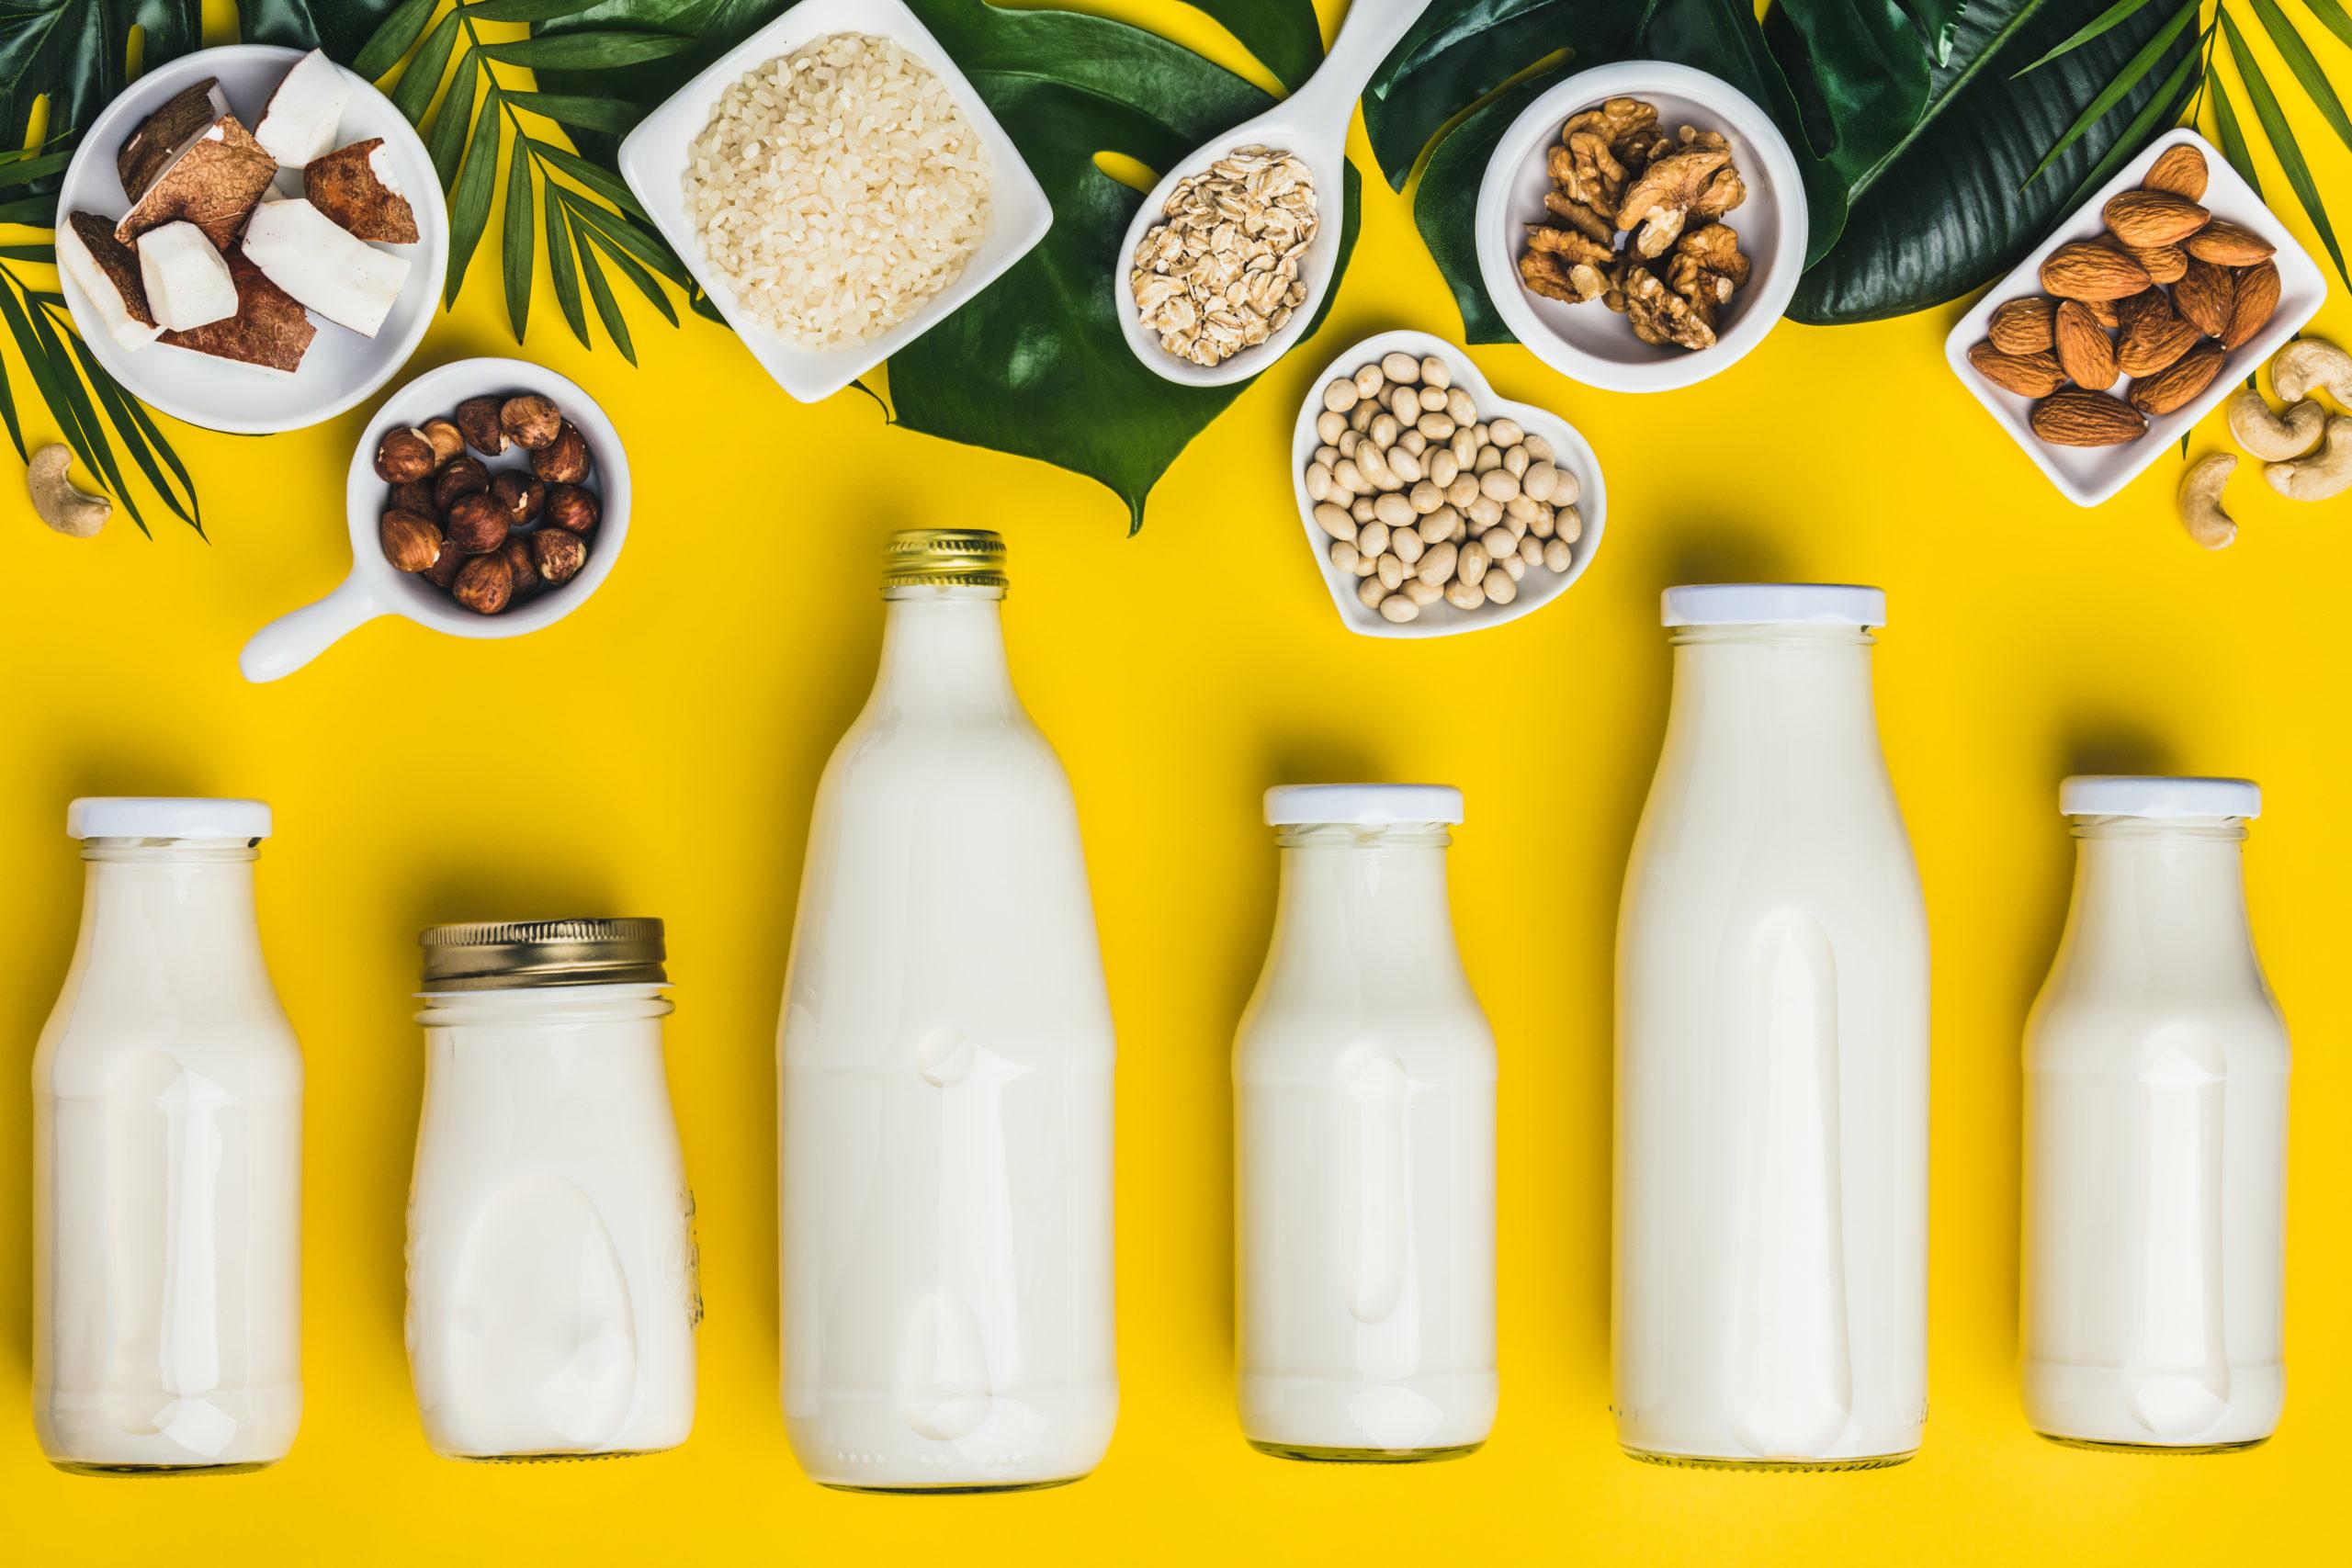 В ЕС создают заменитель молока для упразднения отрасли настоящего молока